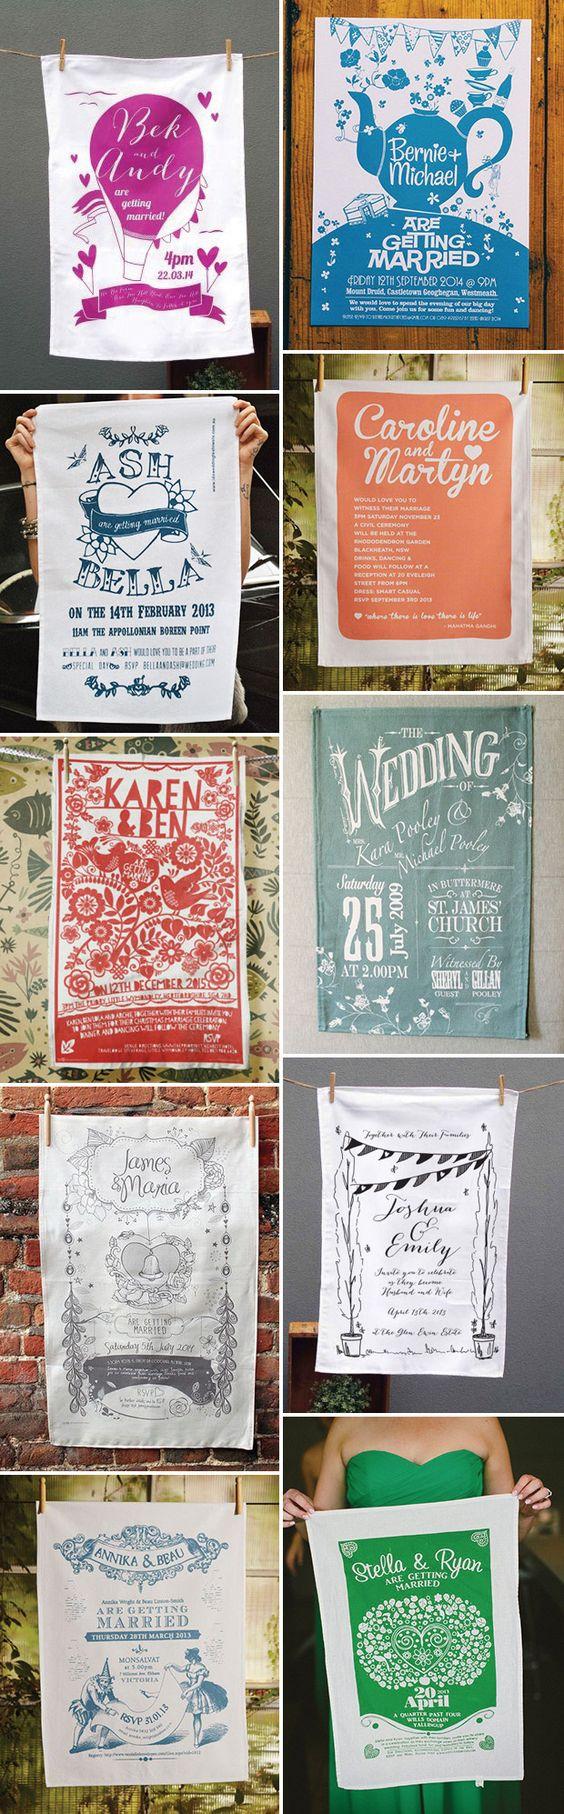 A Unique Wedding Invitation Idea   Wedding Tea Towels   www.onefabday.com